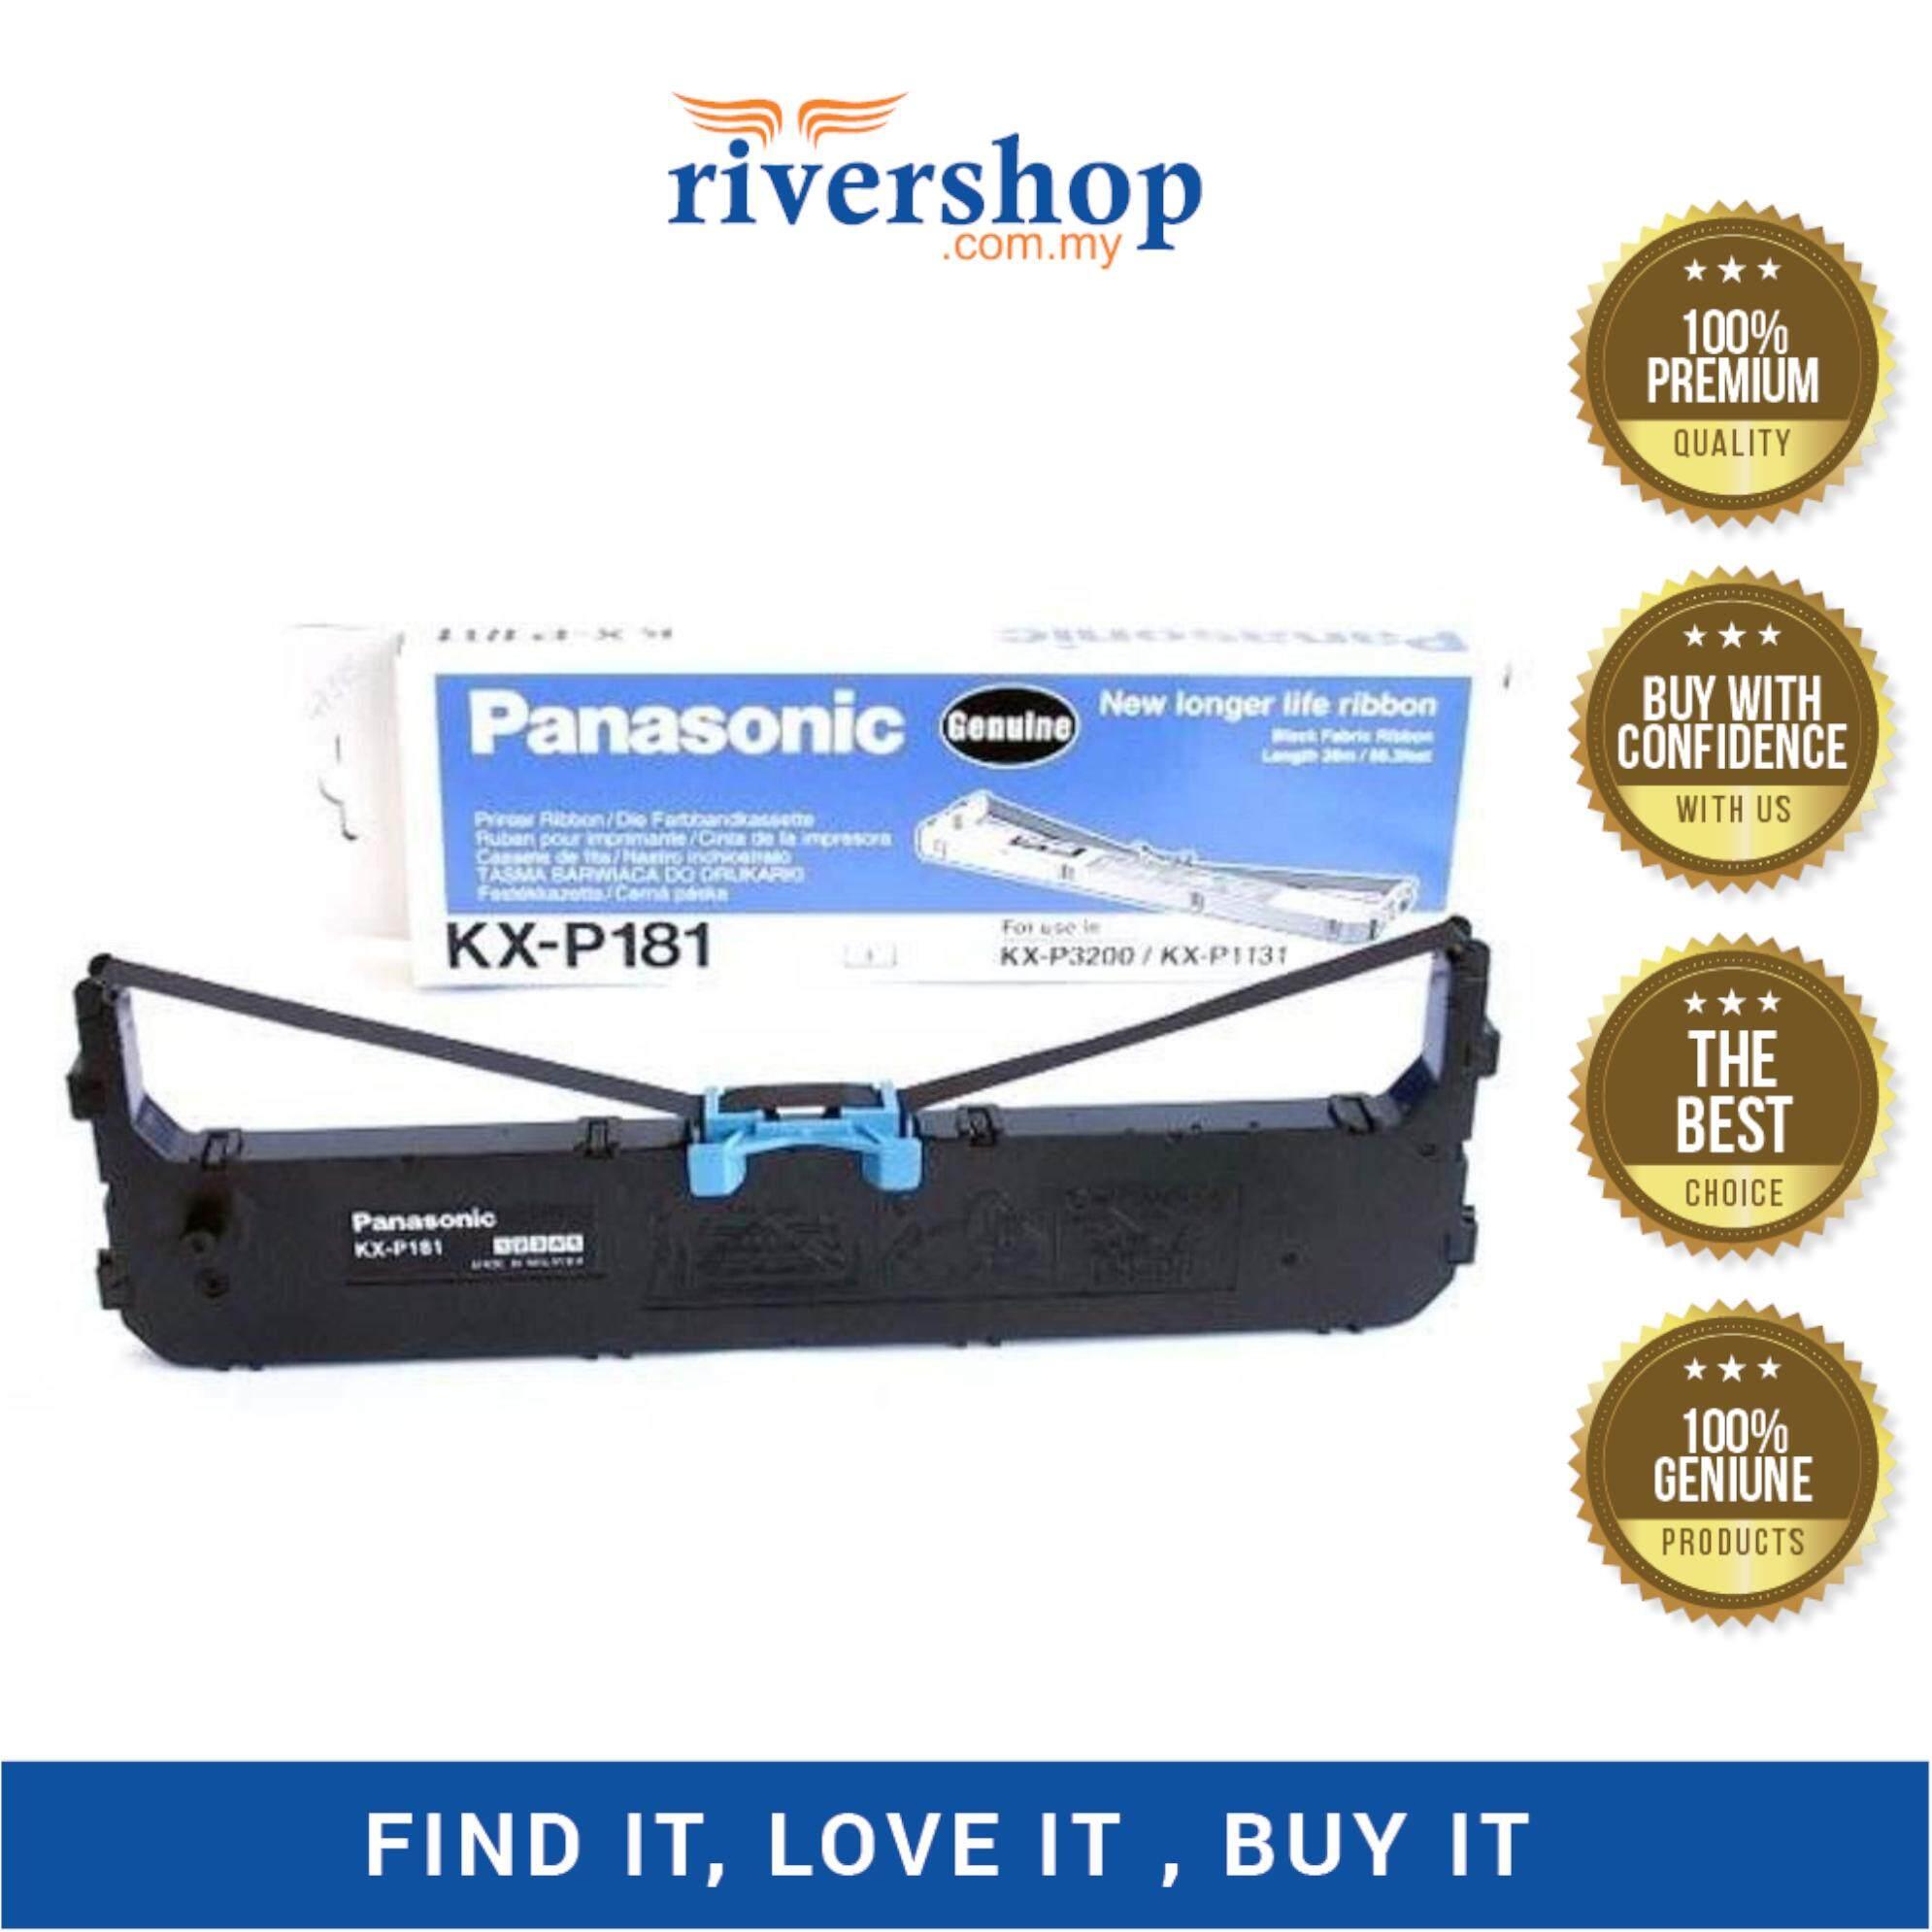 Panasonic KX-P181 Ribbon